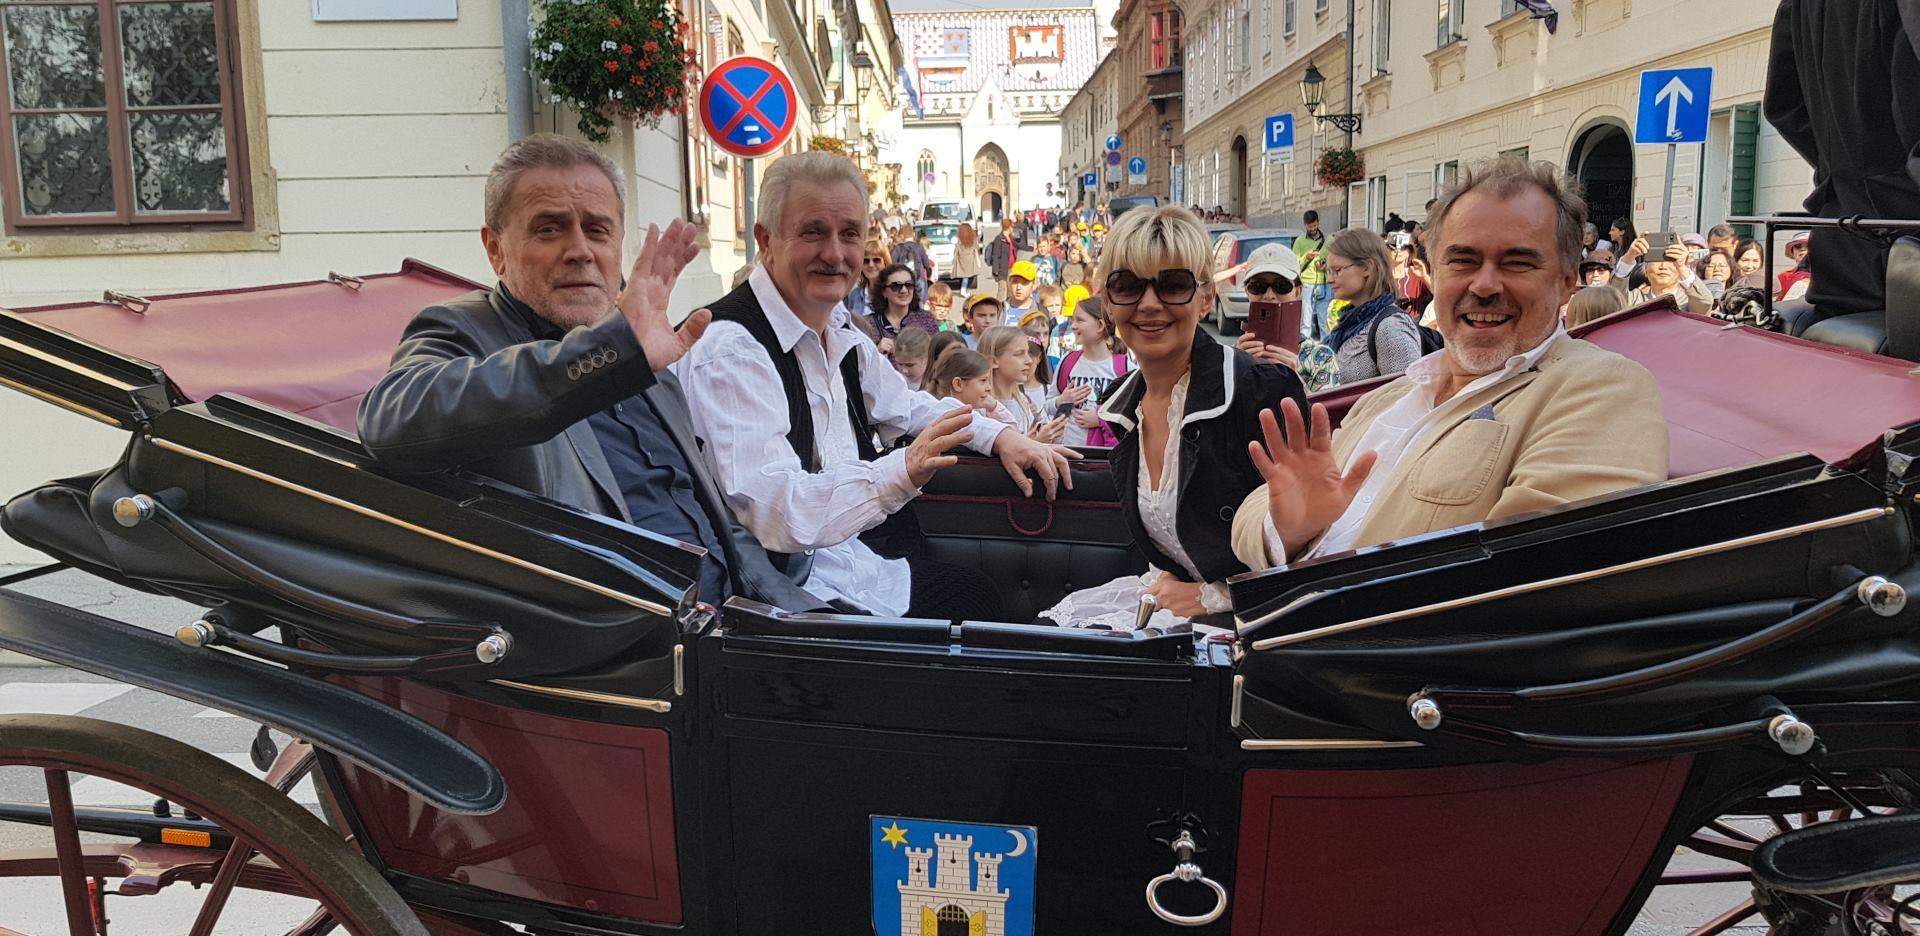 FOTO: Šima Jovanovac najavio feštu slavonske glazbe 'Šimunovo u Lisinskom'